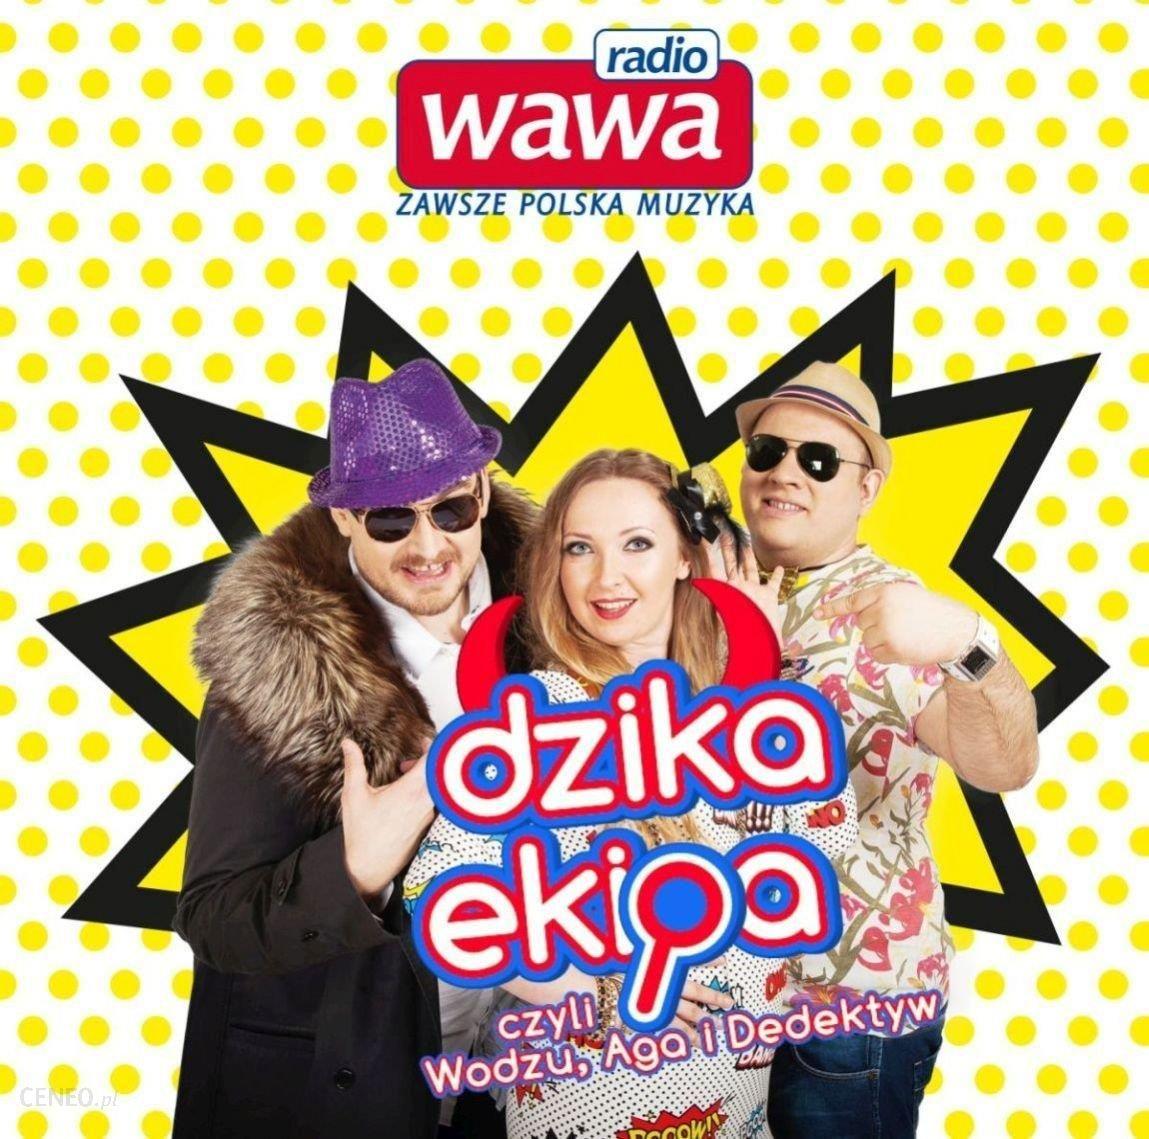 51799f84be3336 Płyta kompaktowa Dzika Ekipa Radia WAWA [2CD] - Ceny i opinie - Ceneo.pl